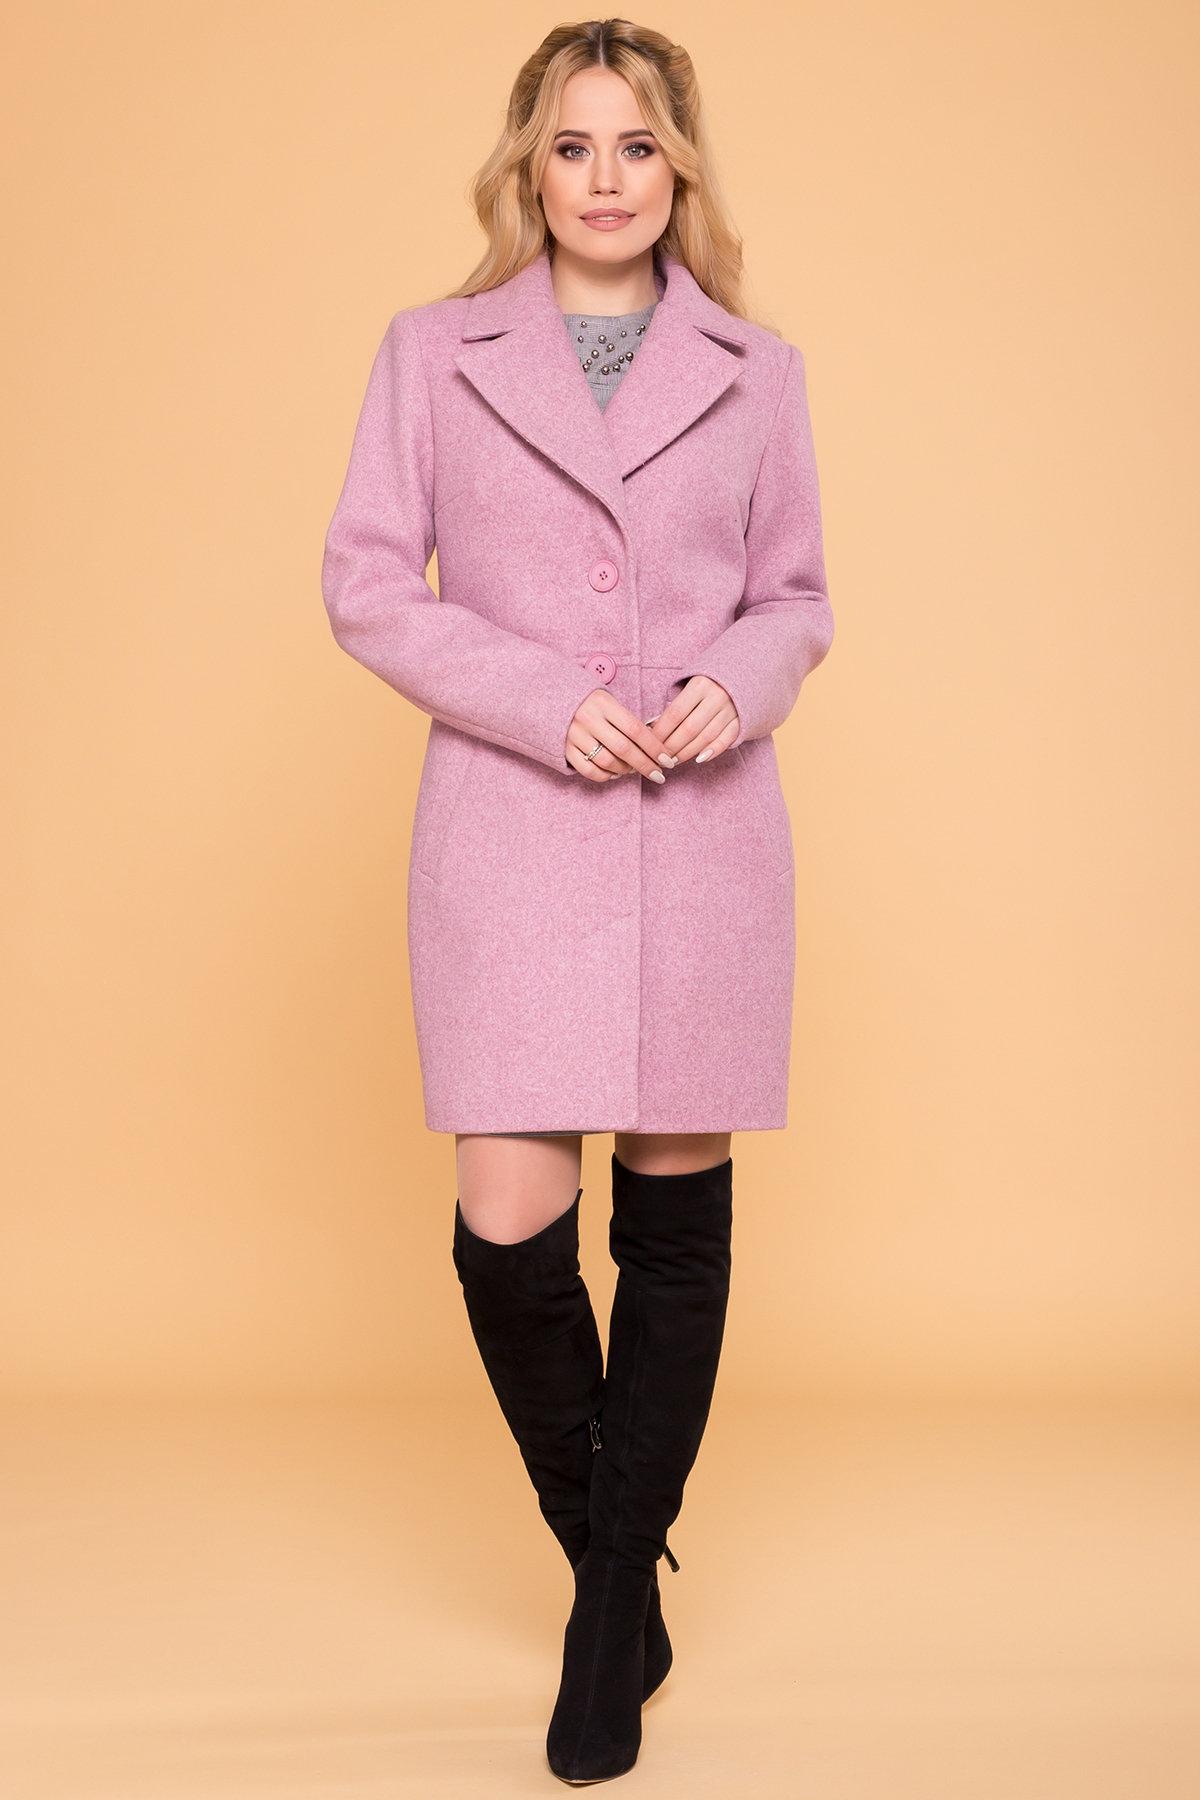 Пальто Габриэлла 5558 Цвет: Розовый 67